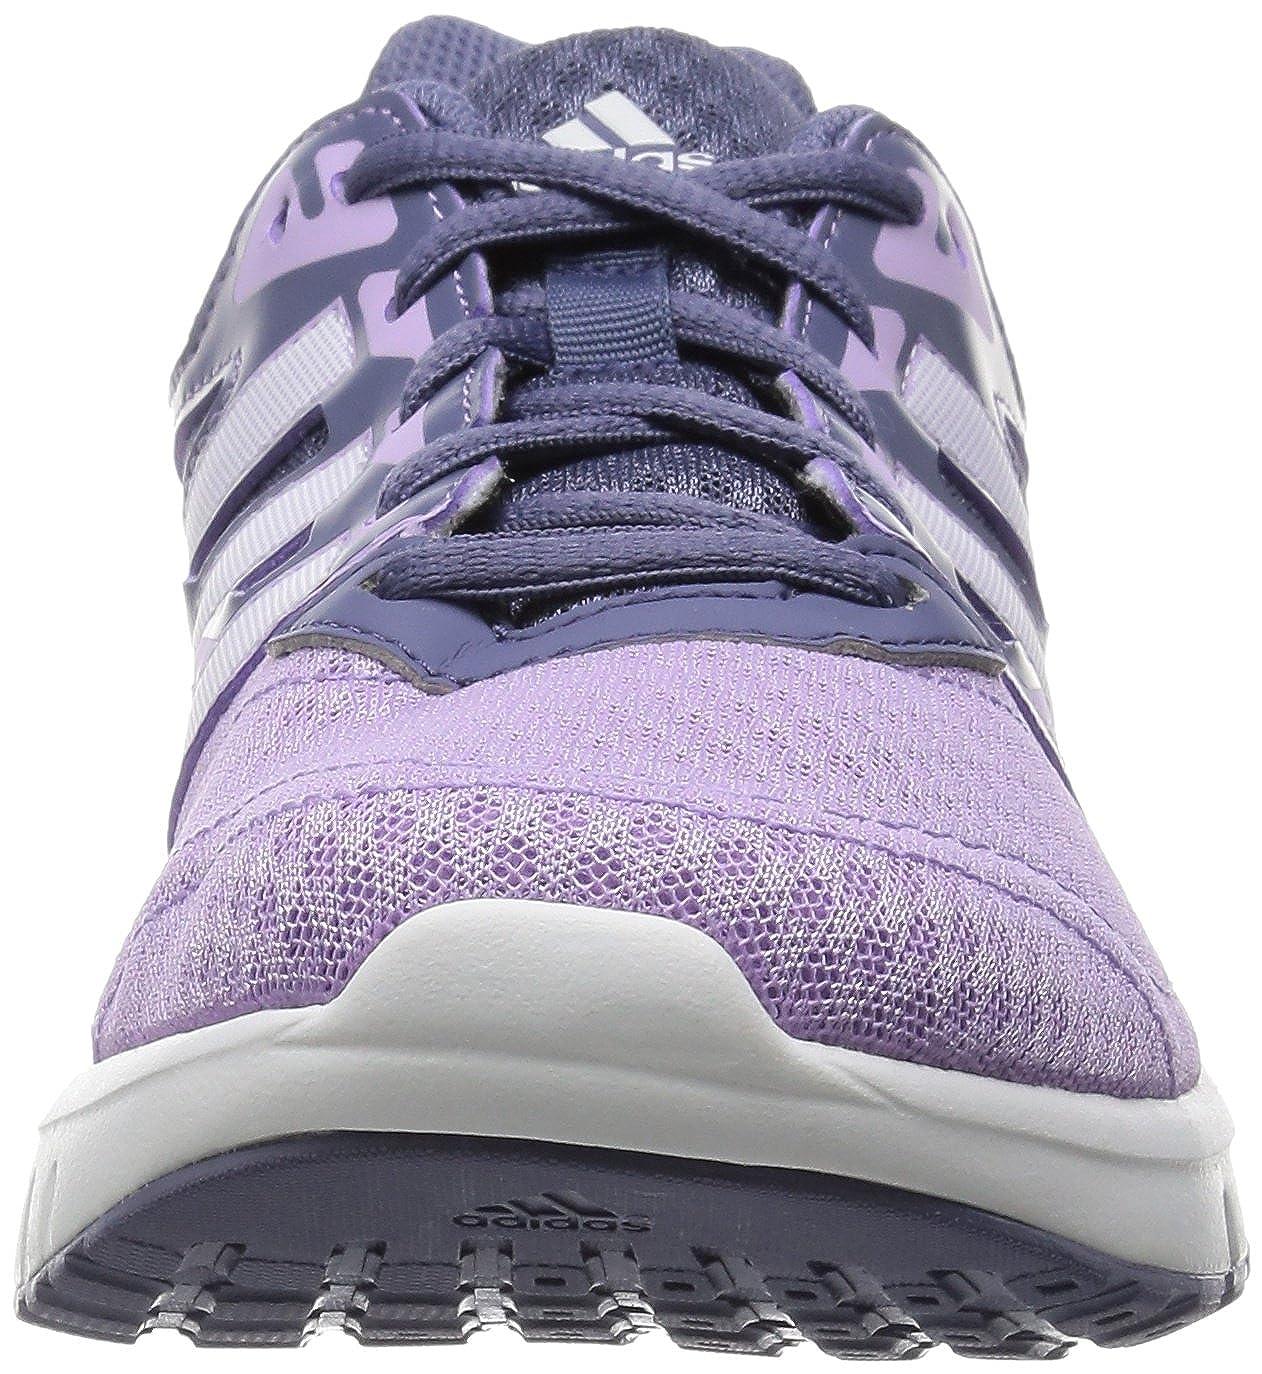 Adidas Damen Galaxy 2 Laufschuhe Laufschuhe Laufschuhe bunt 7a136d